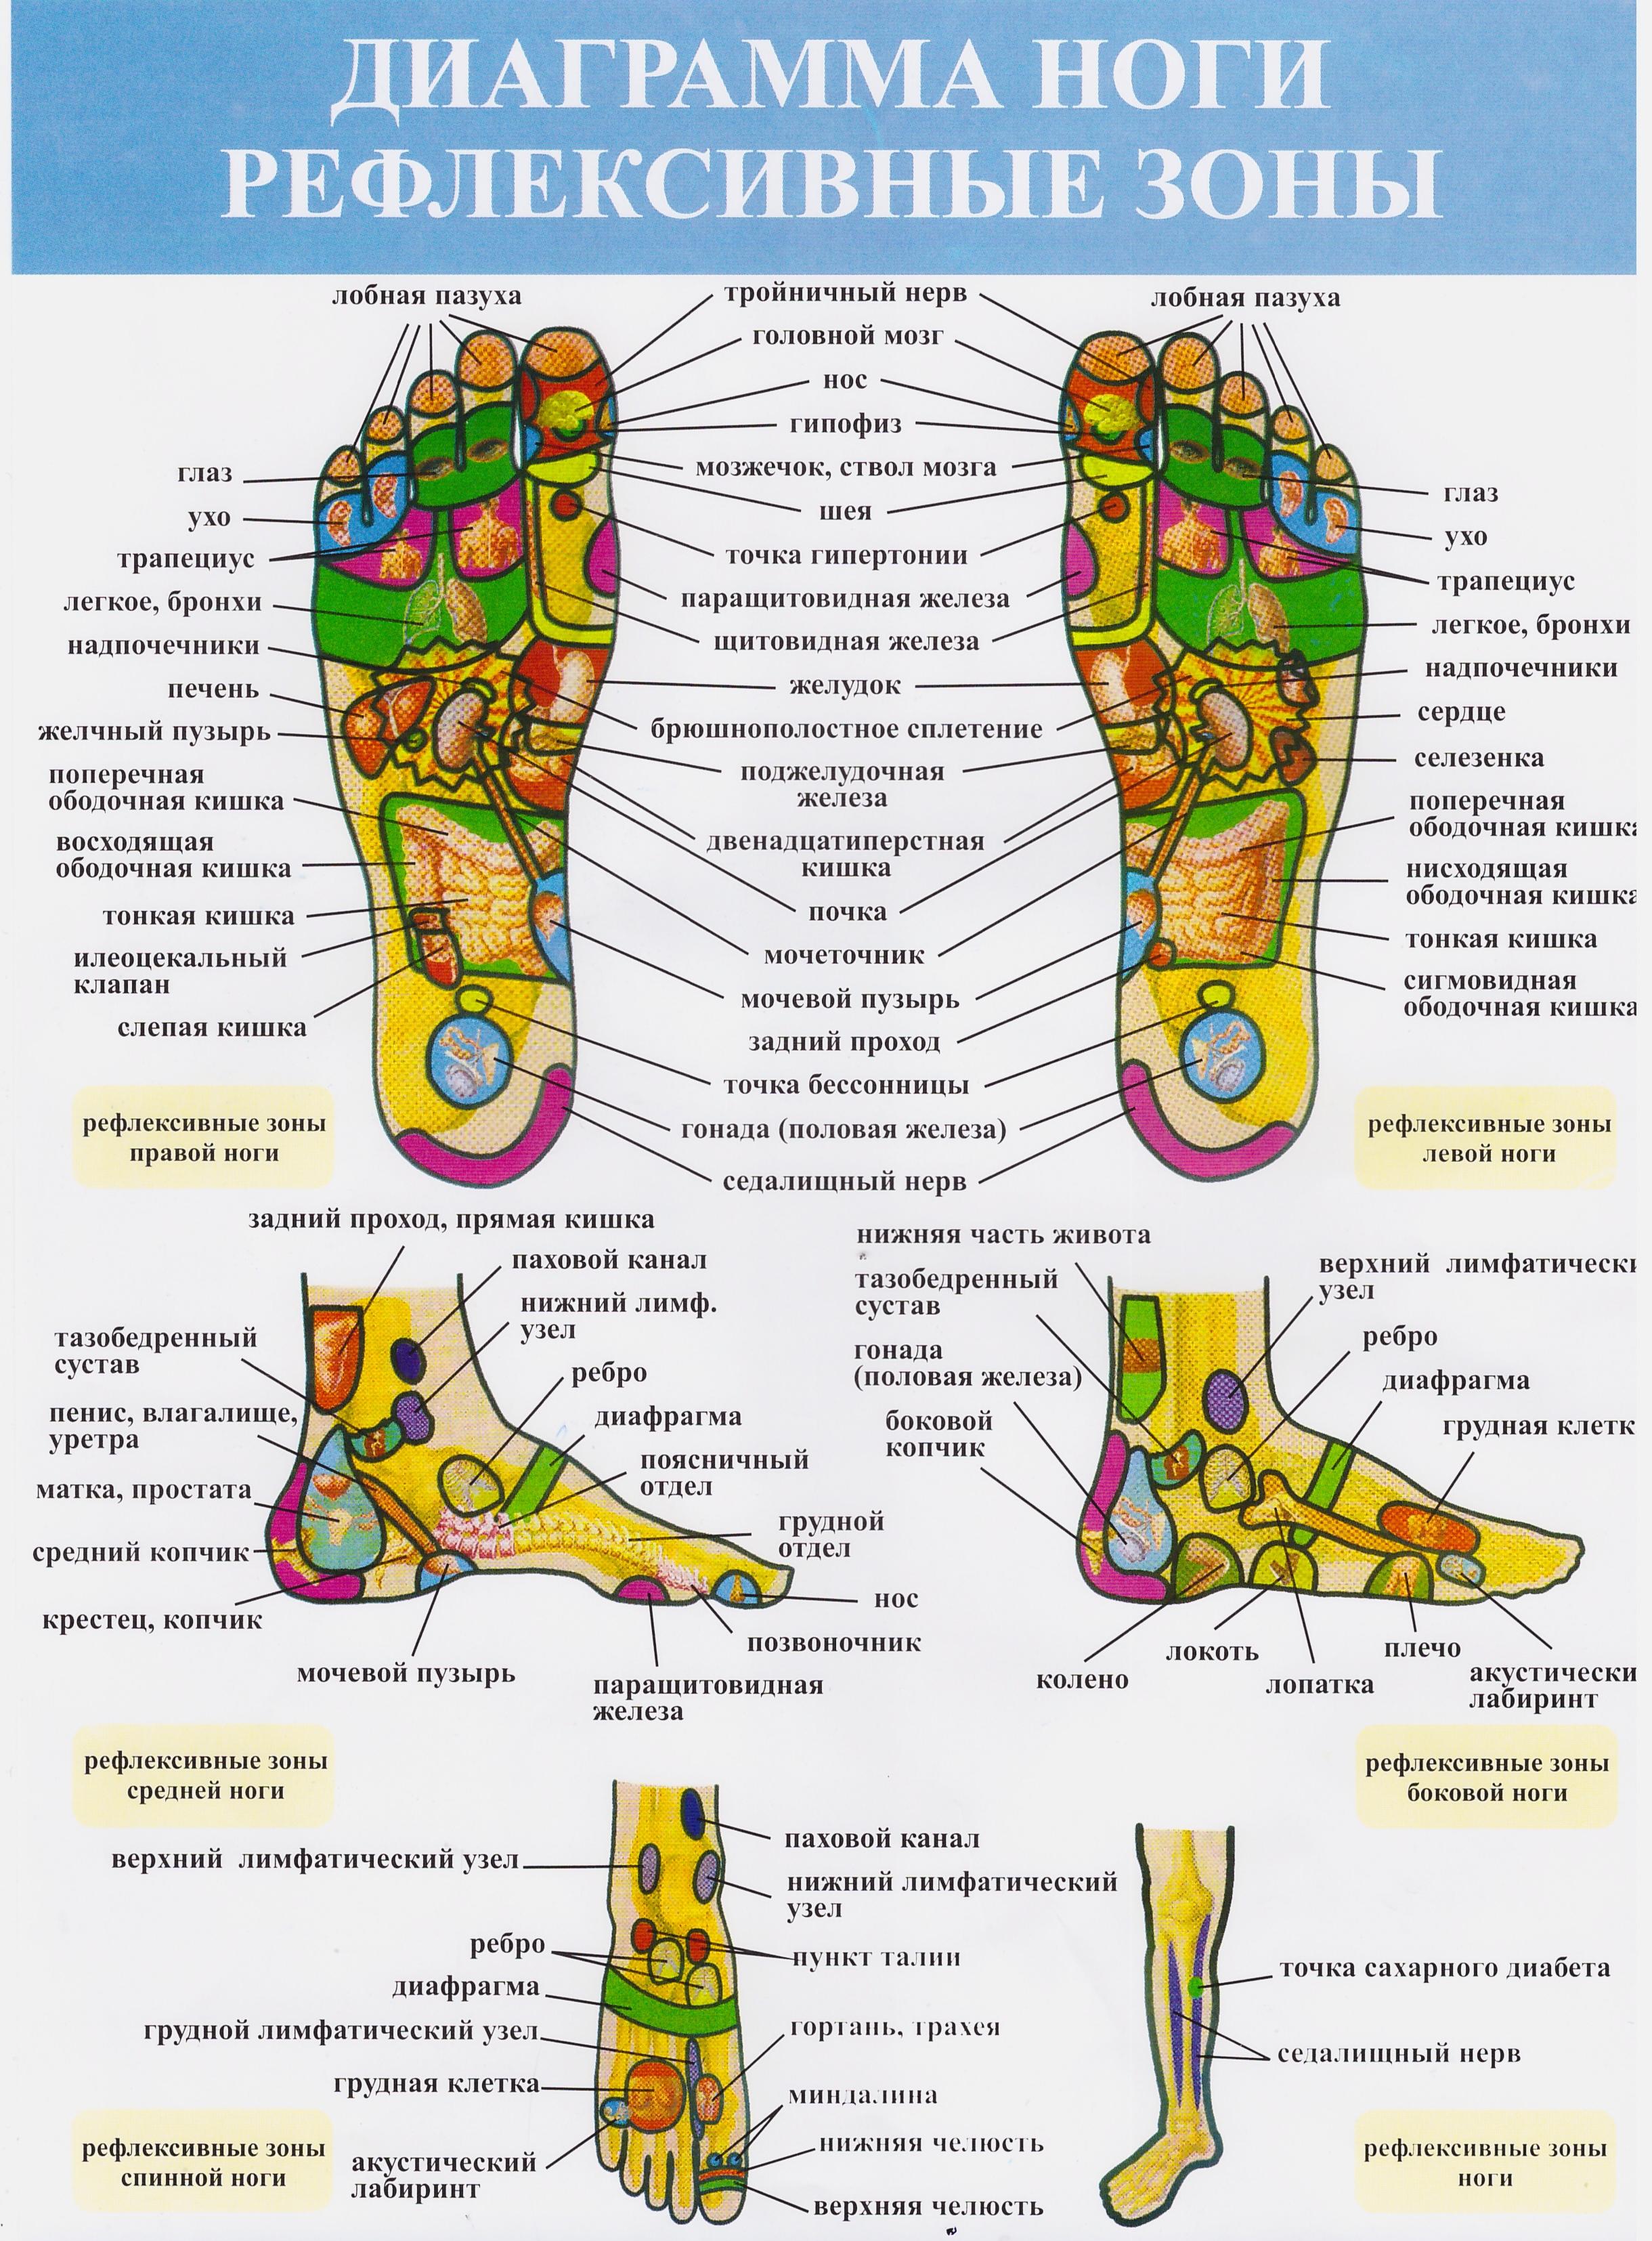 рефлекторные зоны - ноги